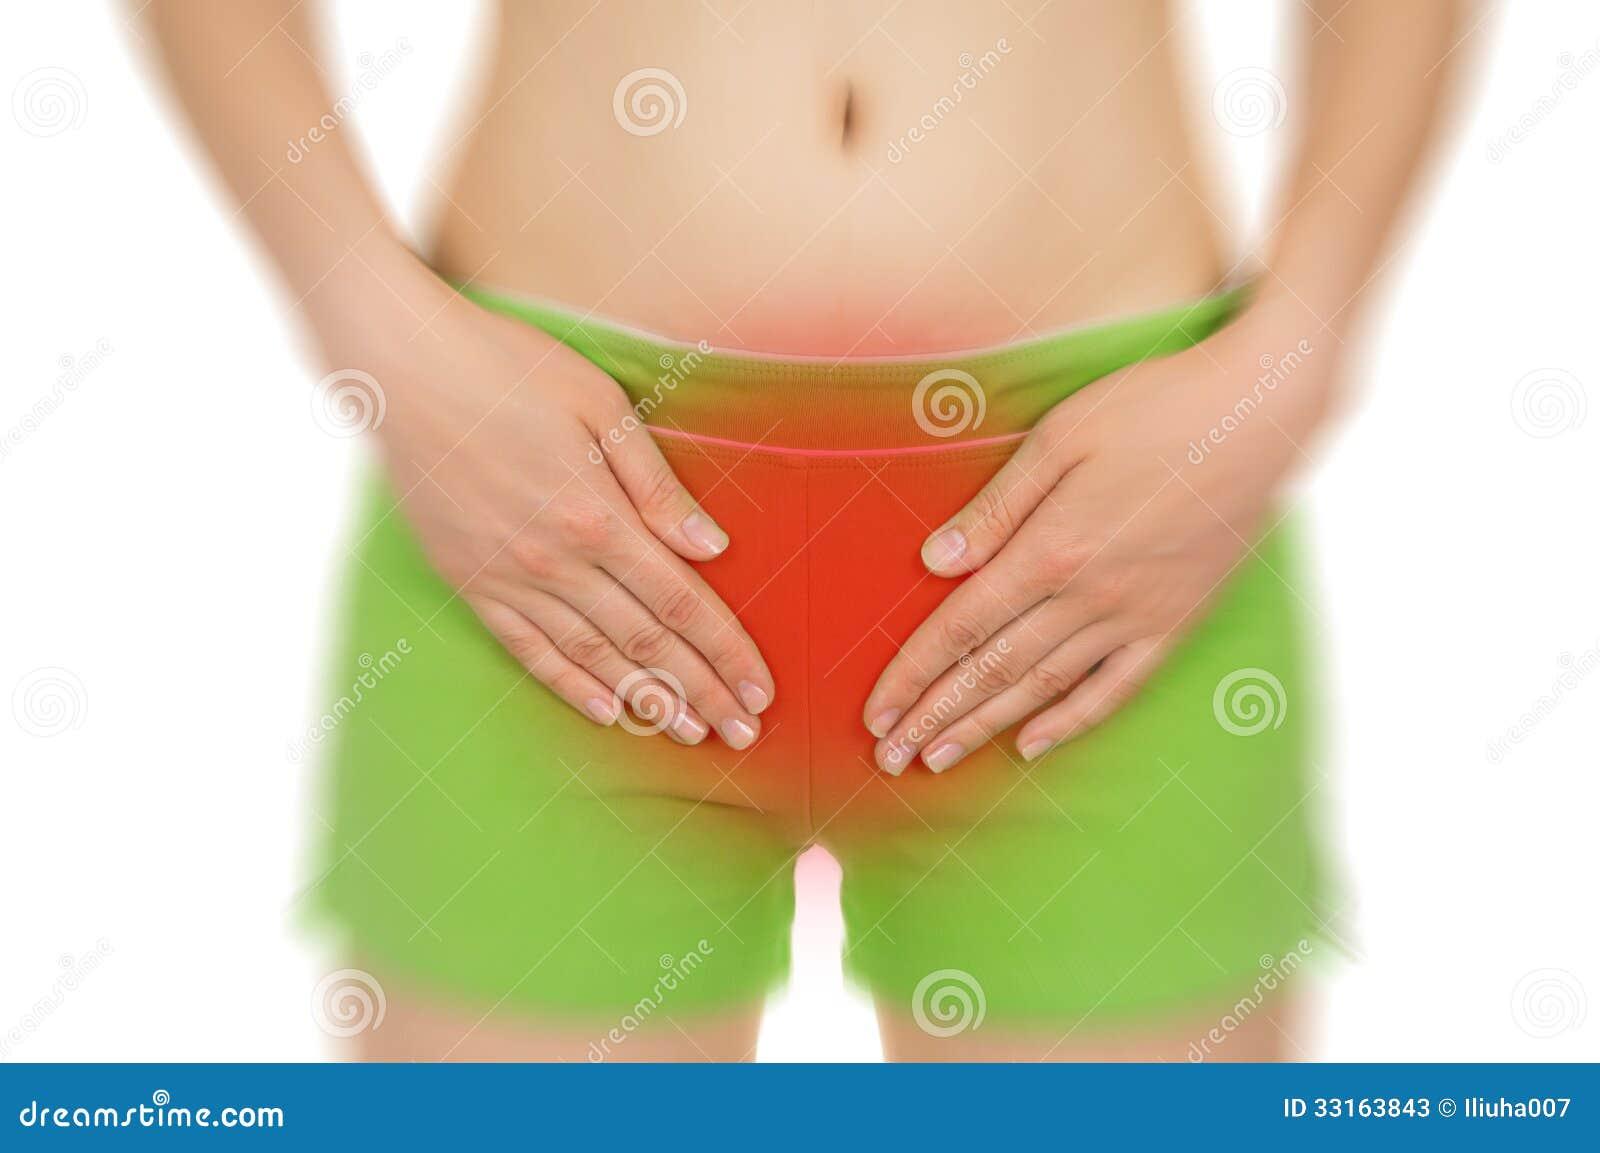 疼痛子宫,显示红色,保持被递